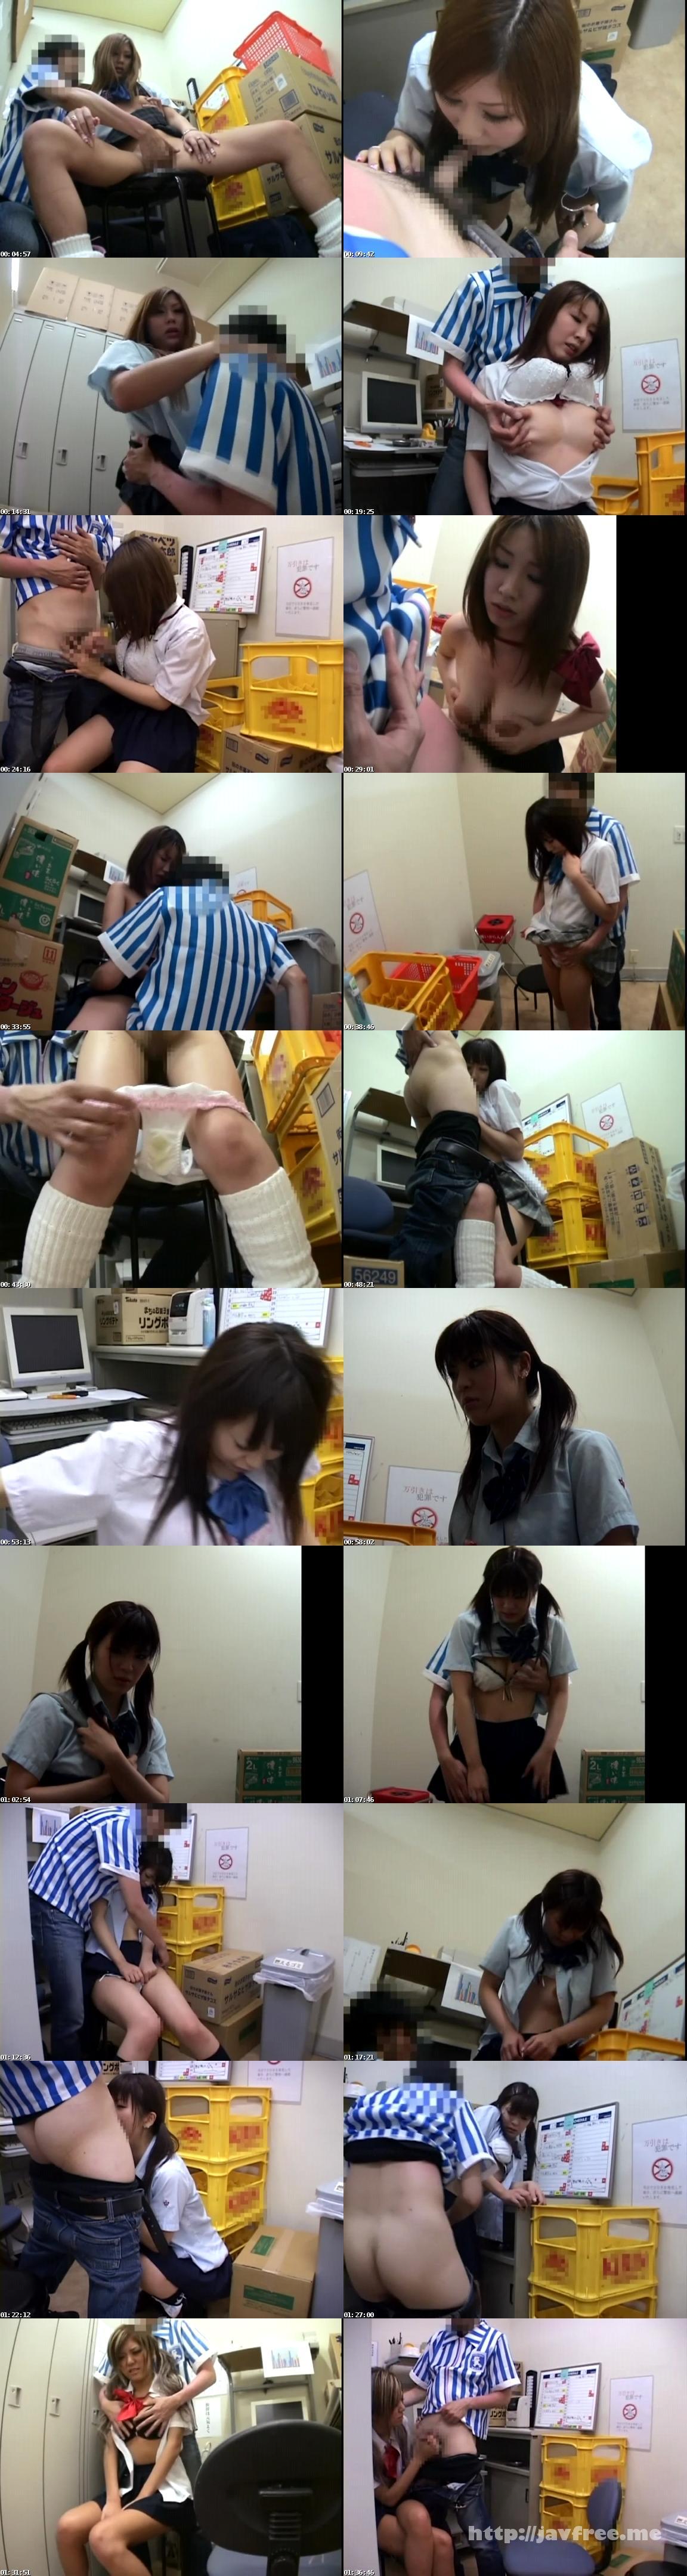 [DKYS 04] 某コンビニオーナー流出 万引き女子校生全裸謝罪 DKYS